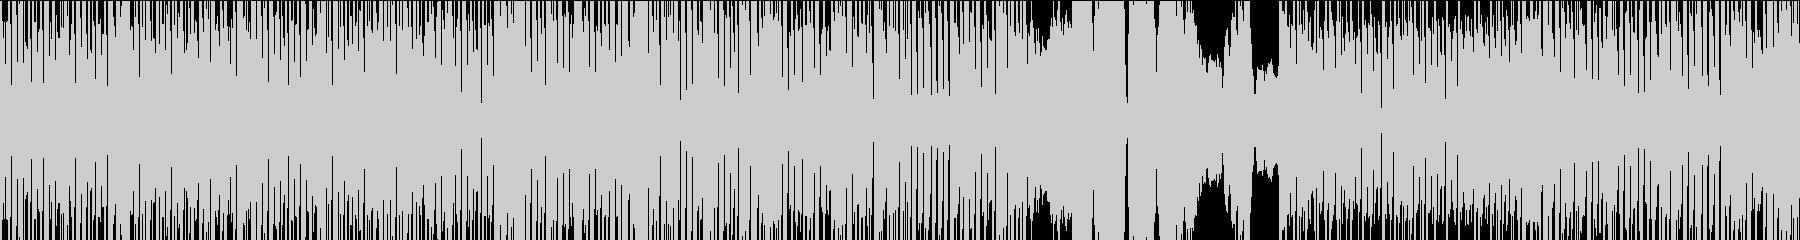 ループ可、淡々としたシンセサウンドの未再生の波形